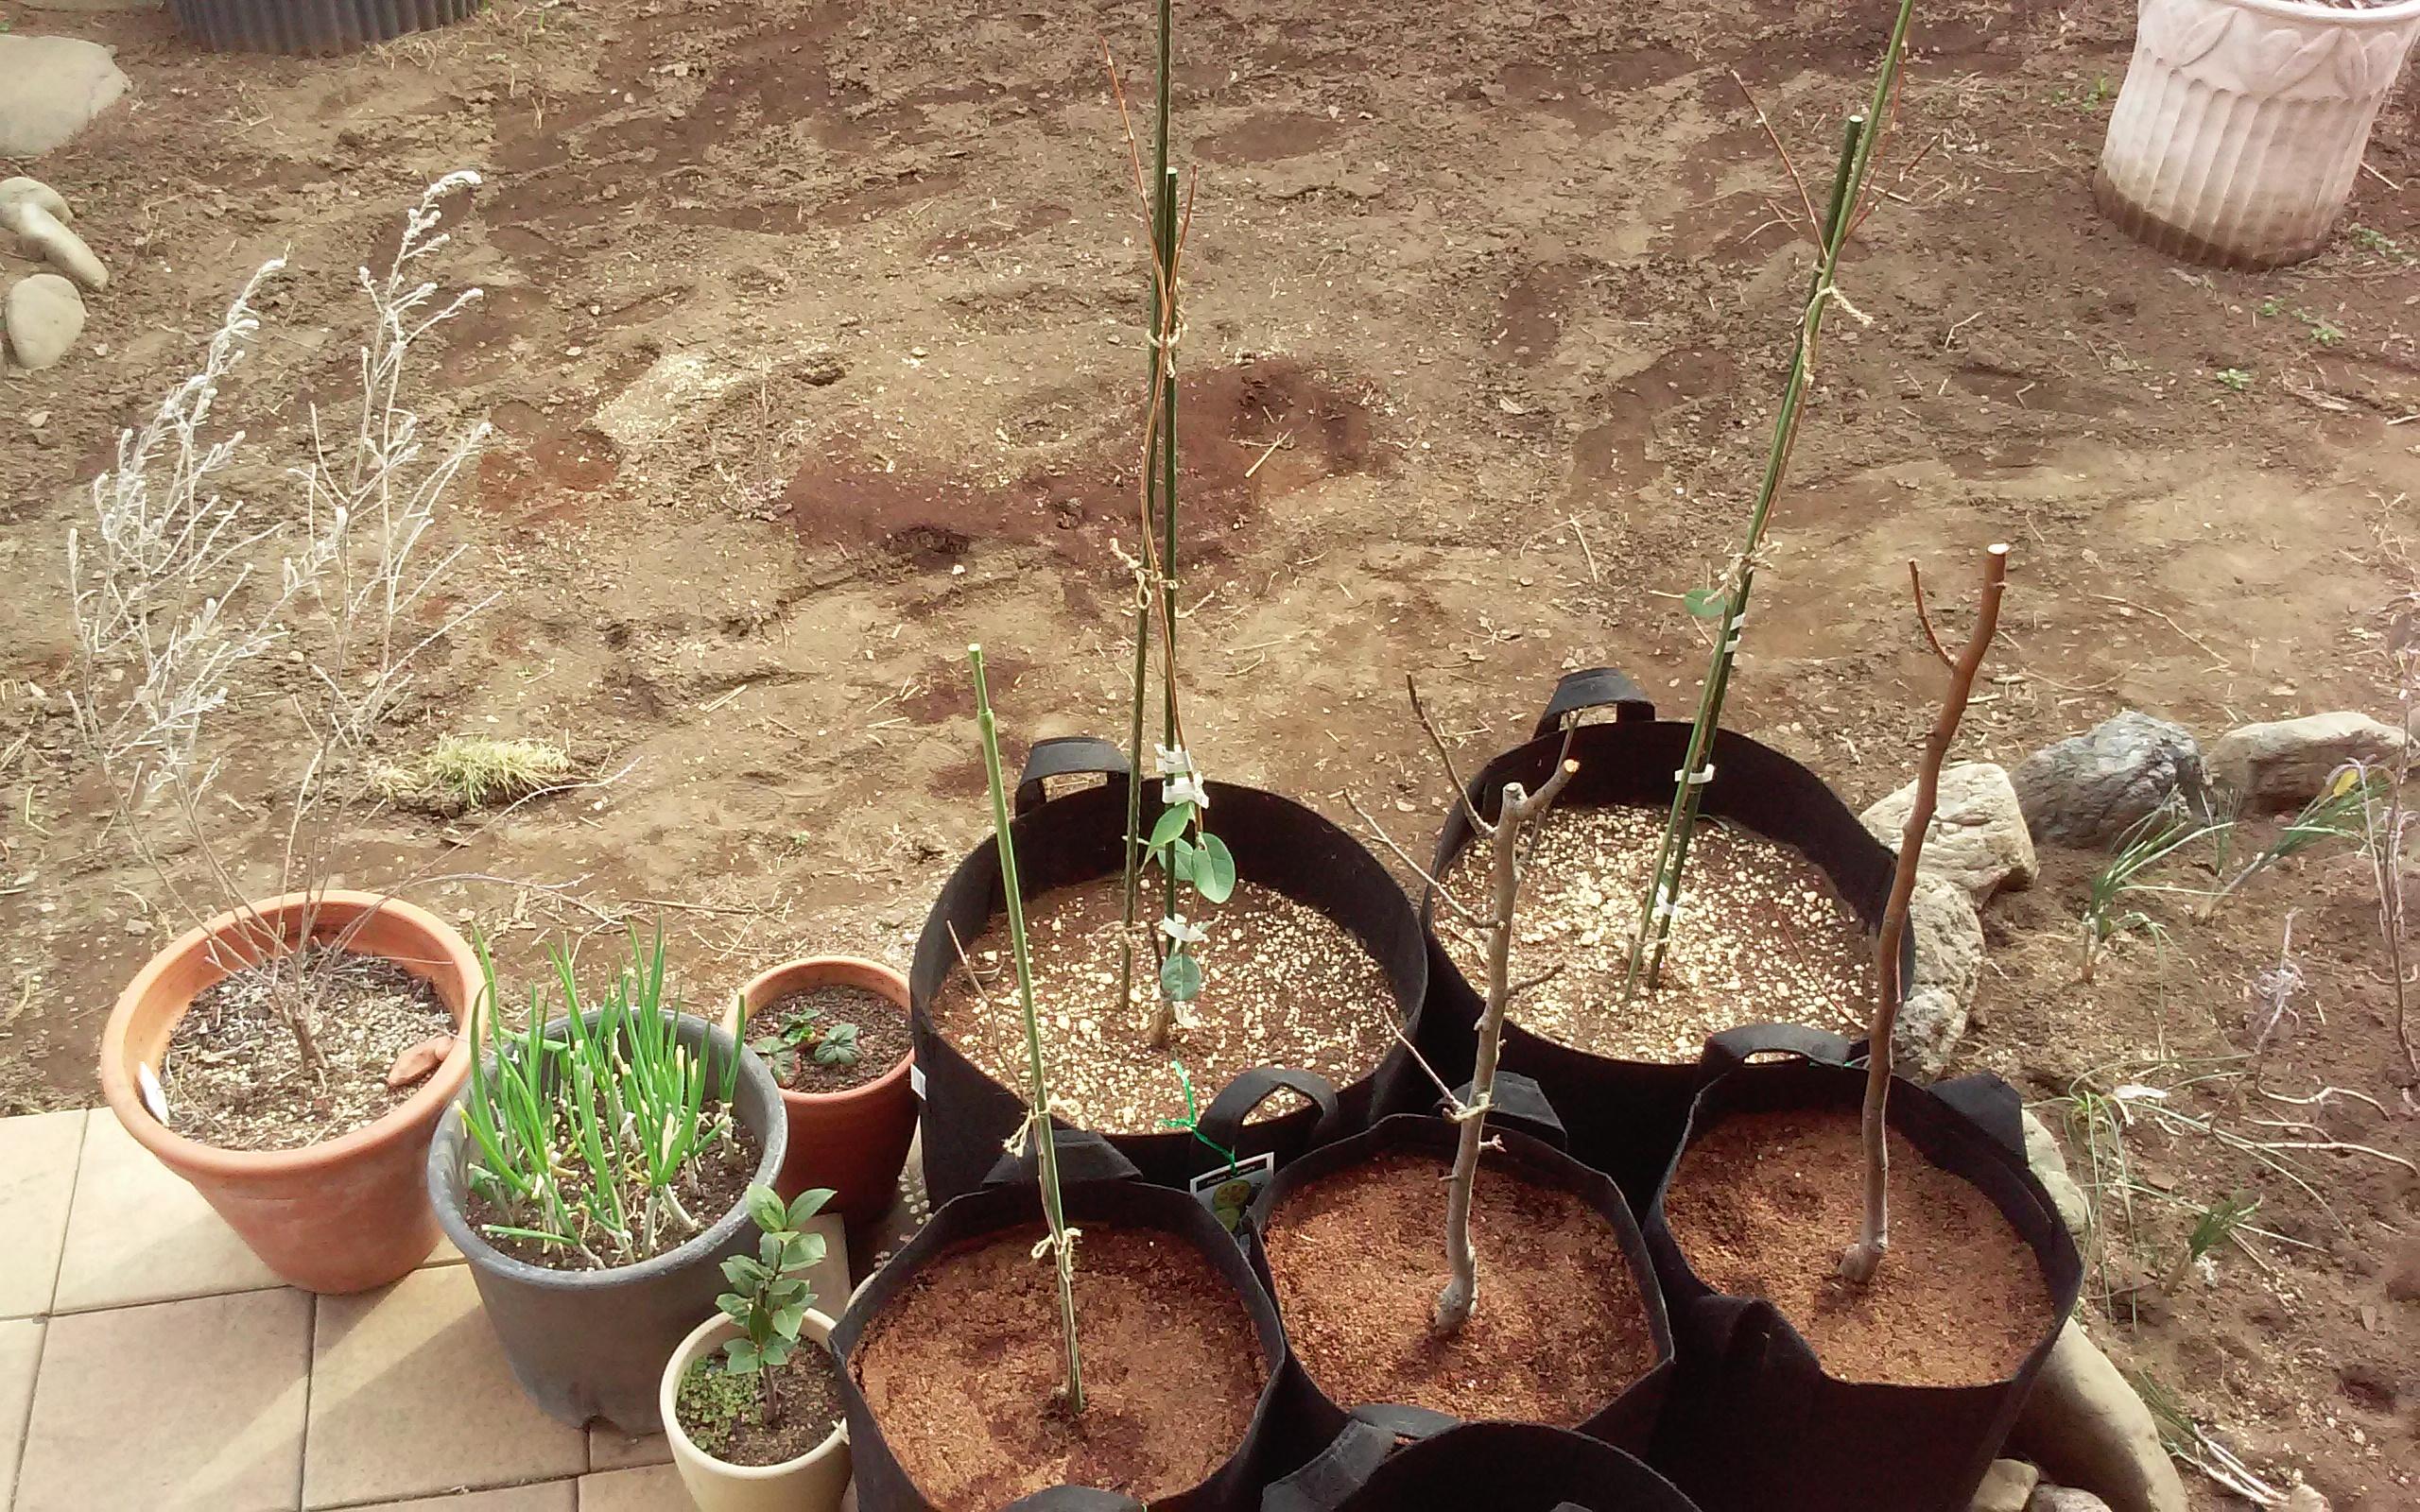 鉢植えの用土は植え付けから半年くらいで次第に減って行きます